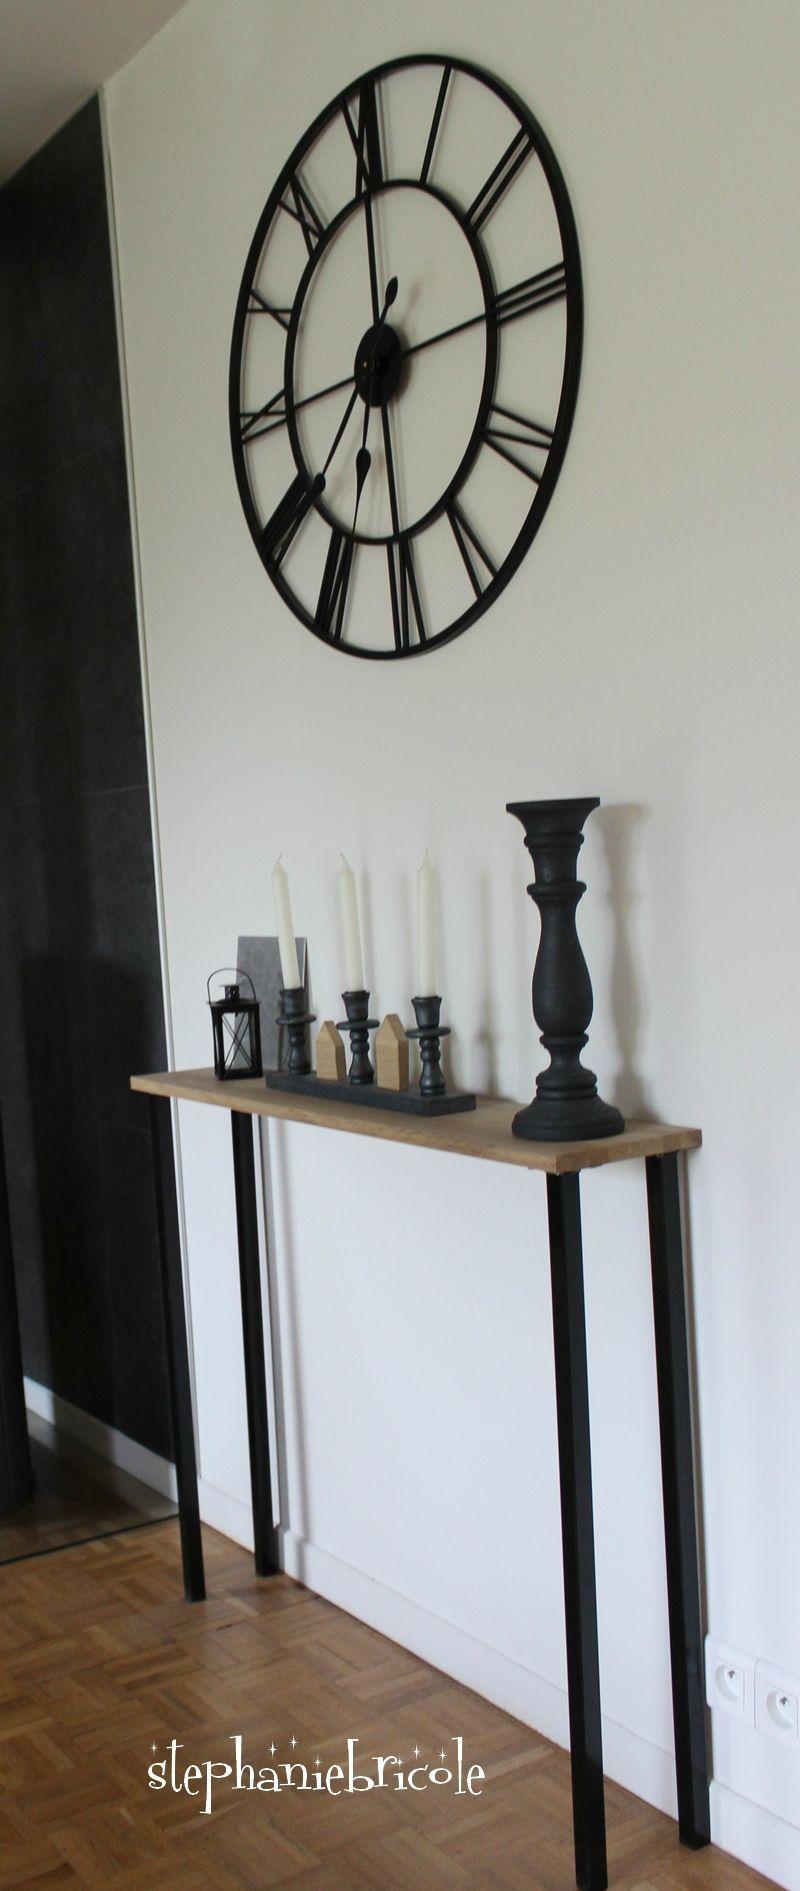 Diy Un Meuble Console En Bois Un Cours De Bricolage A Gagner Stephanie Bricole Meuble Style Industriel Diy Deco Deco Maison